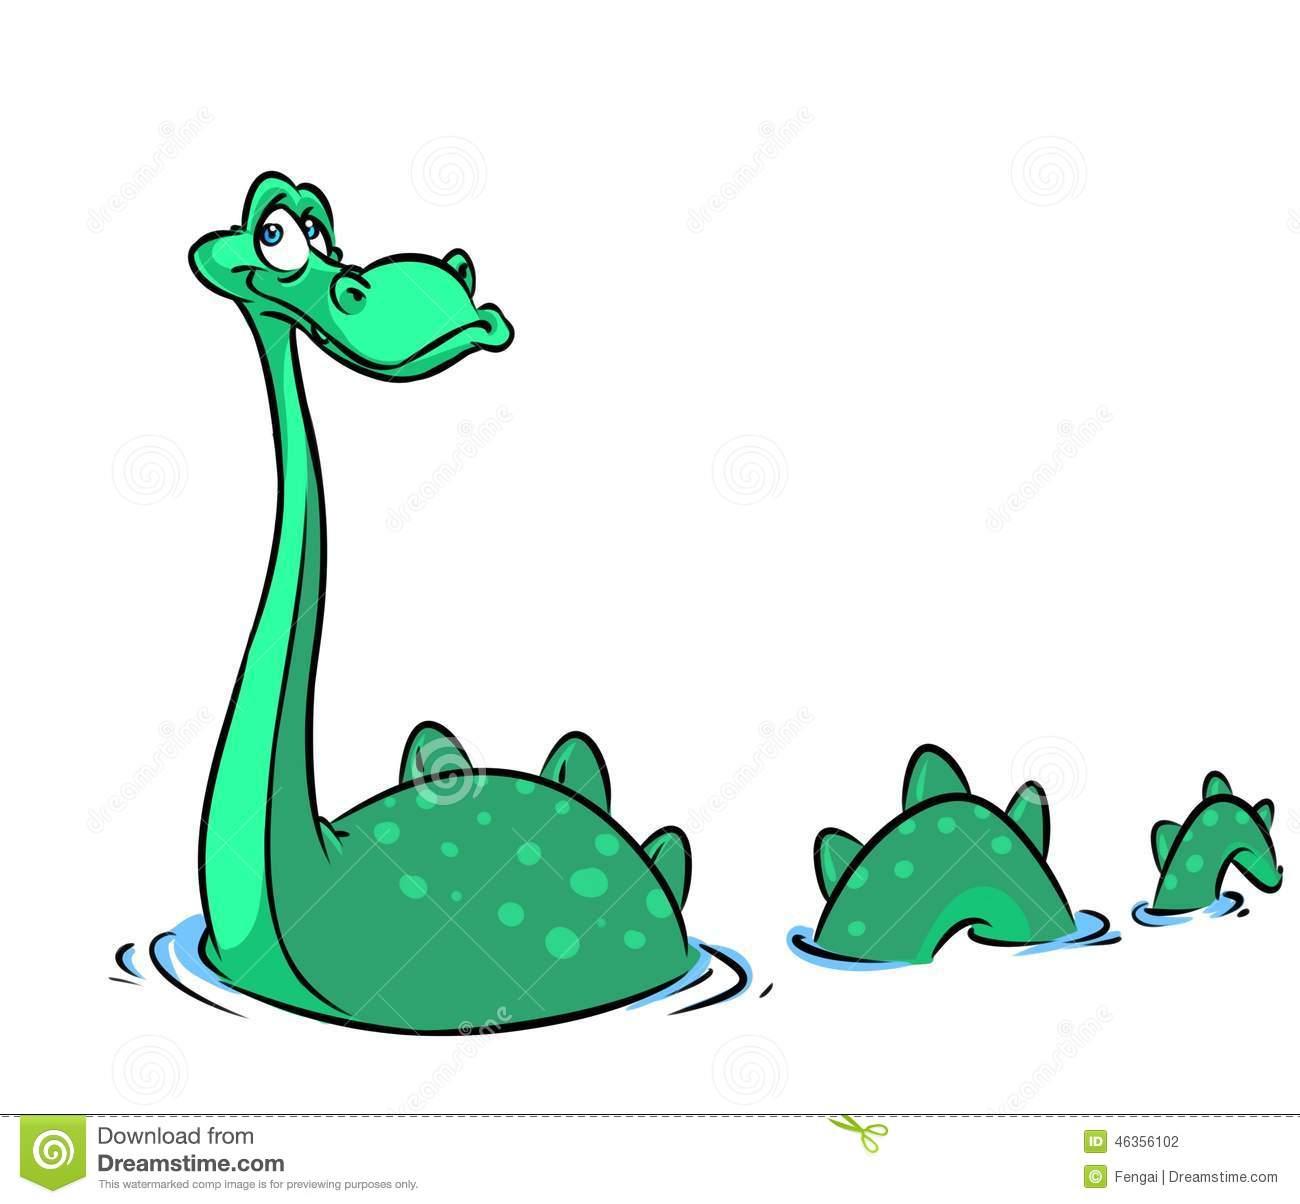 Loch Ness monster cartoon illustration